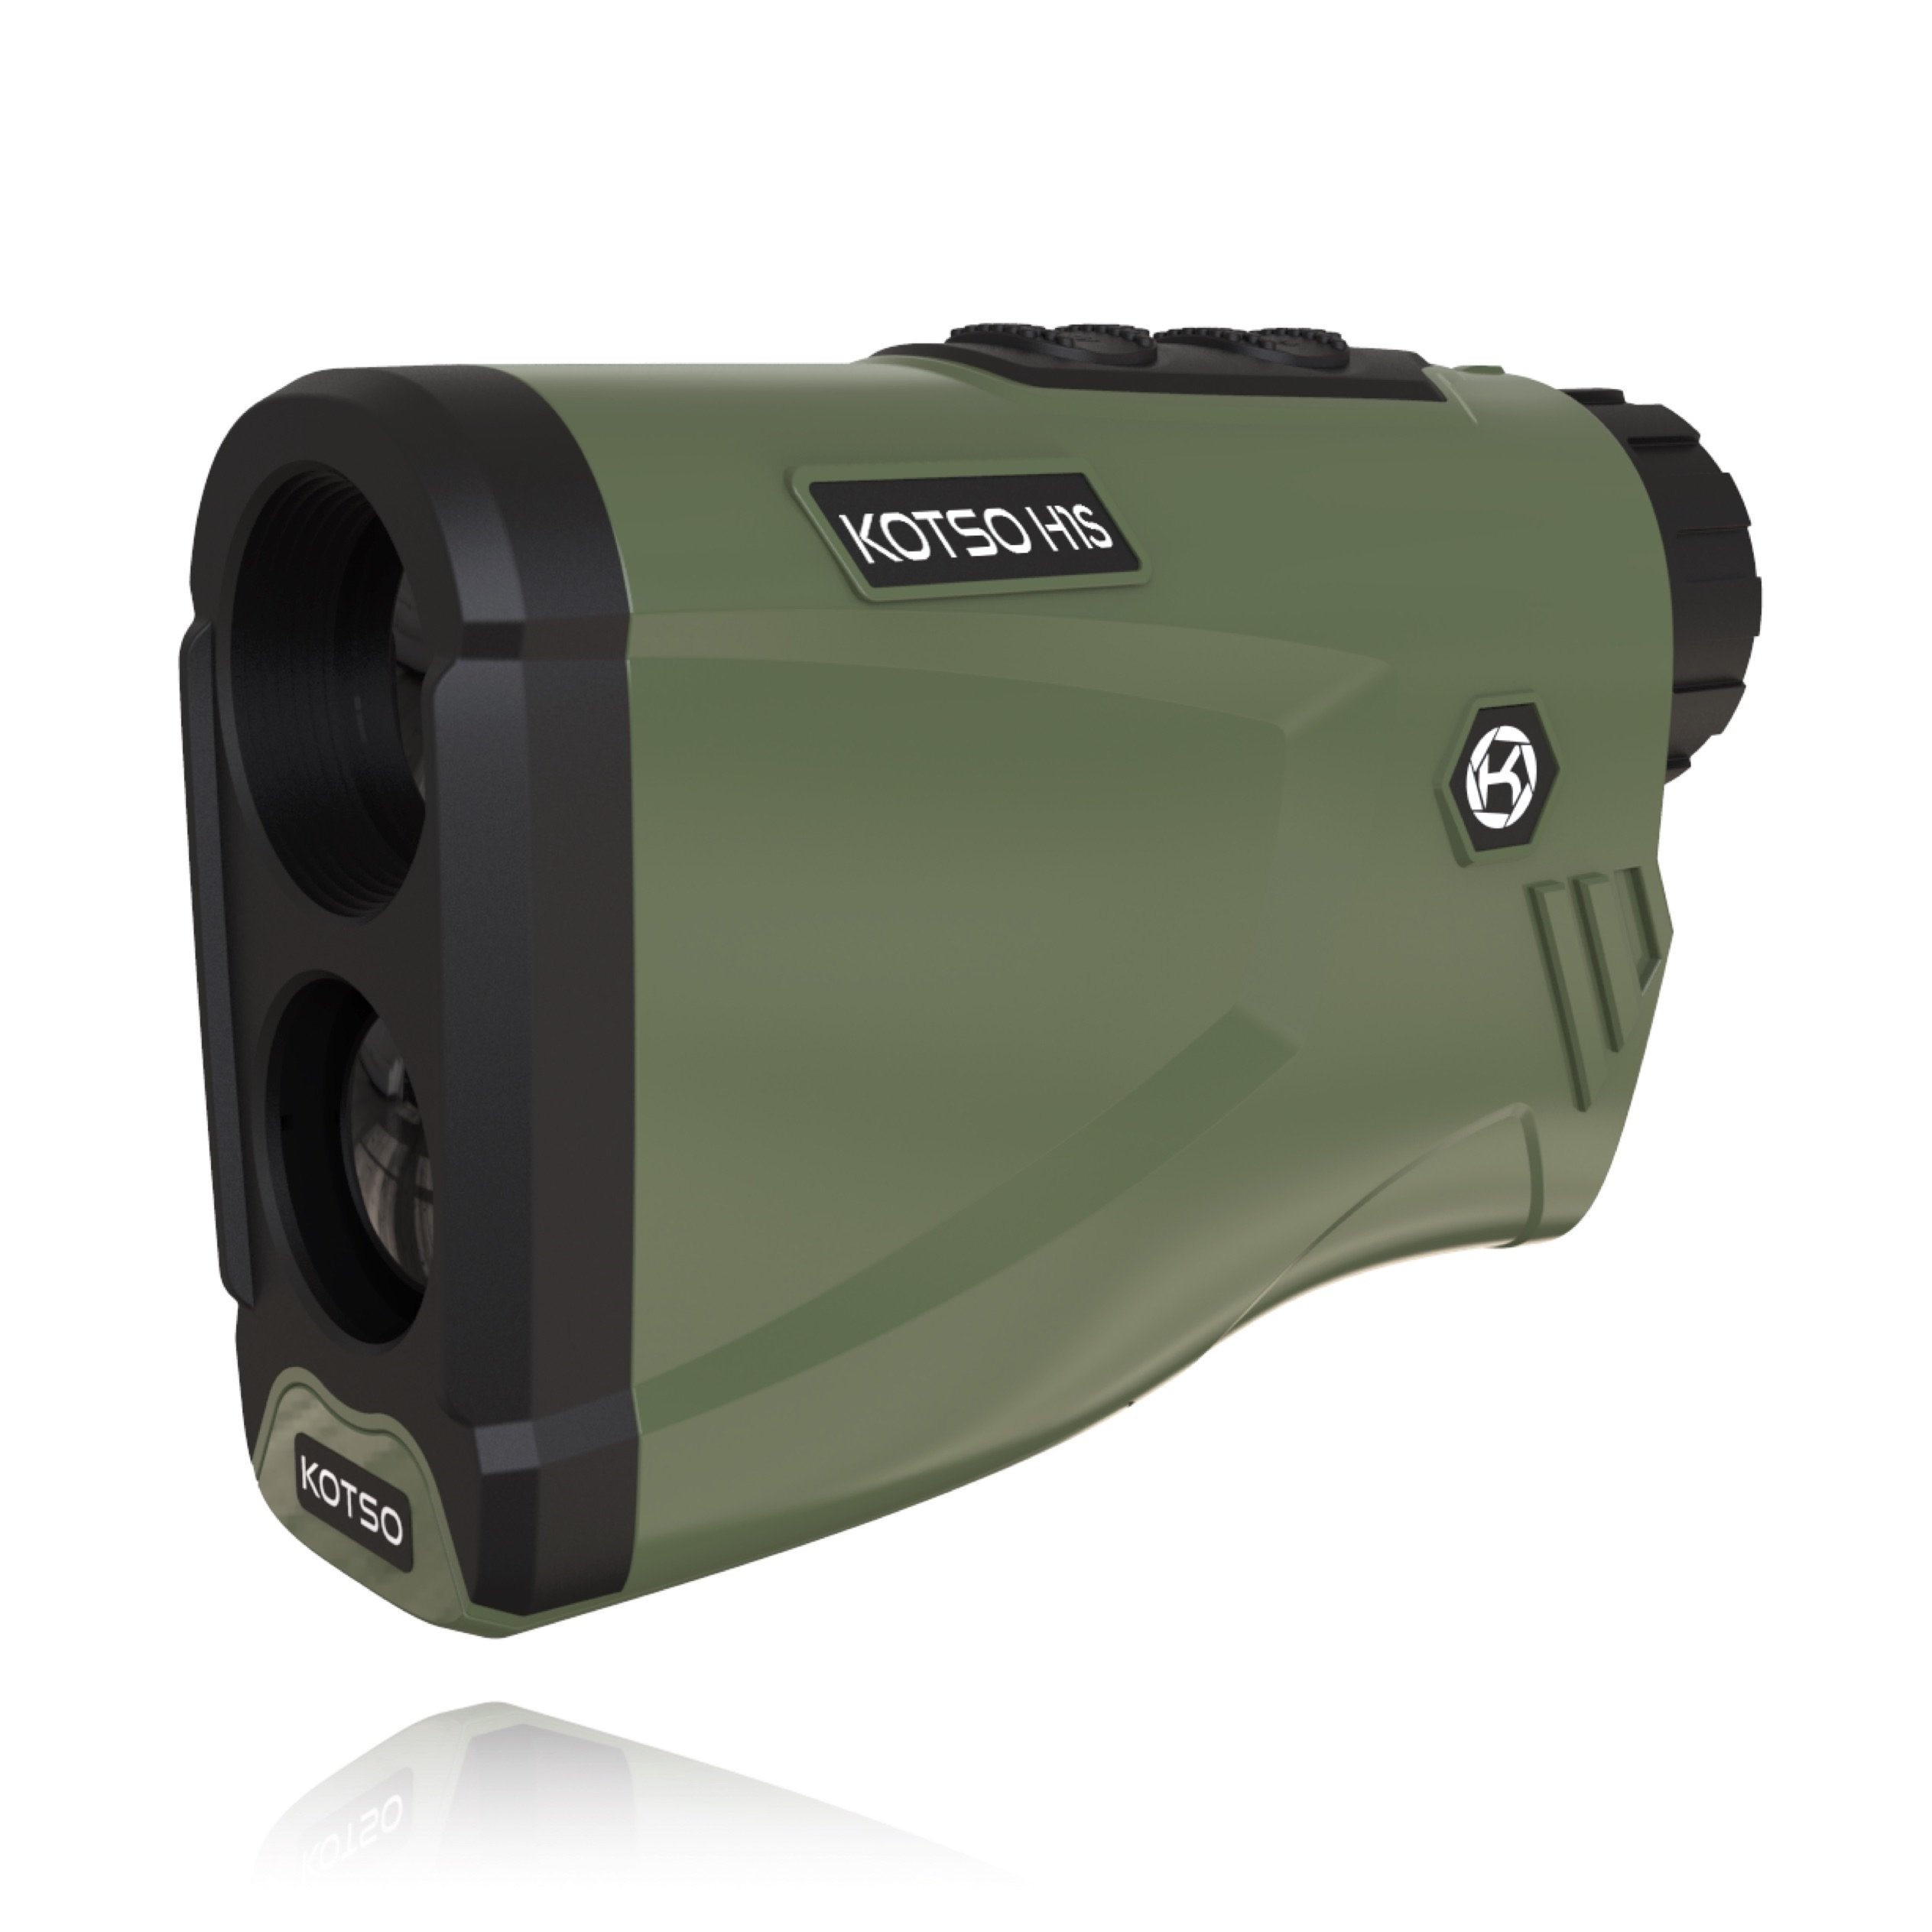 KOTSO Rangefinder Hunting Arc Range Finder Hunt H1 by KOTSO